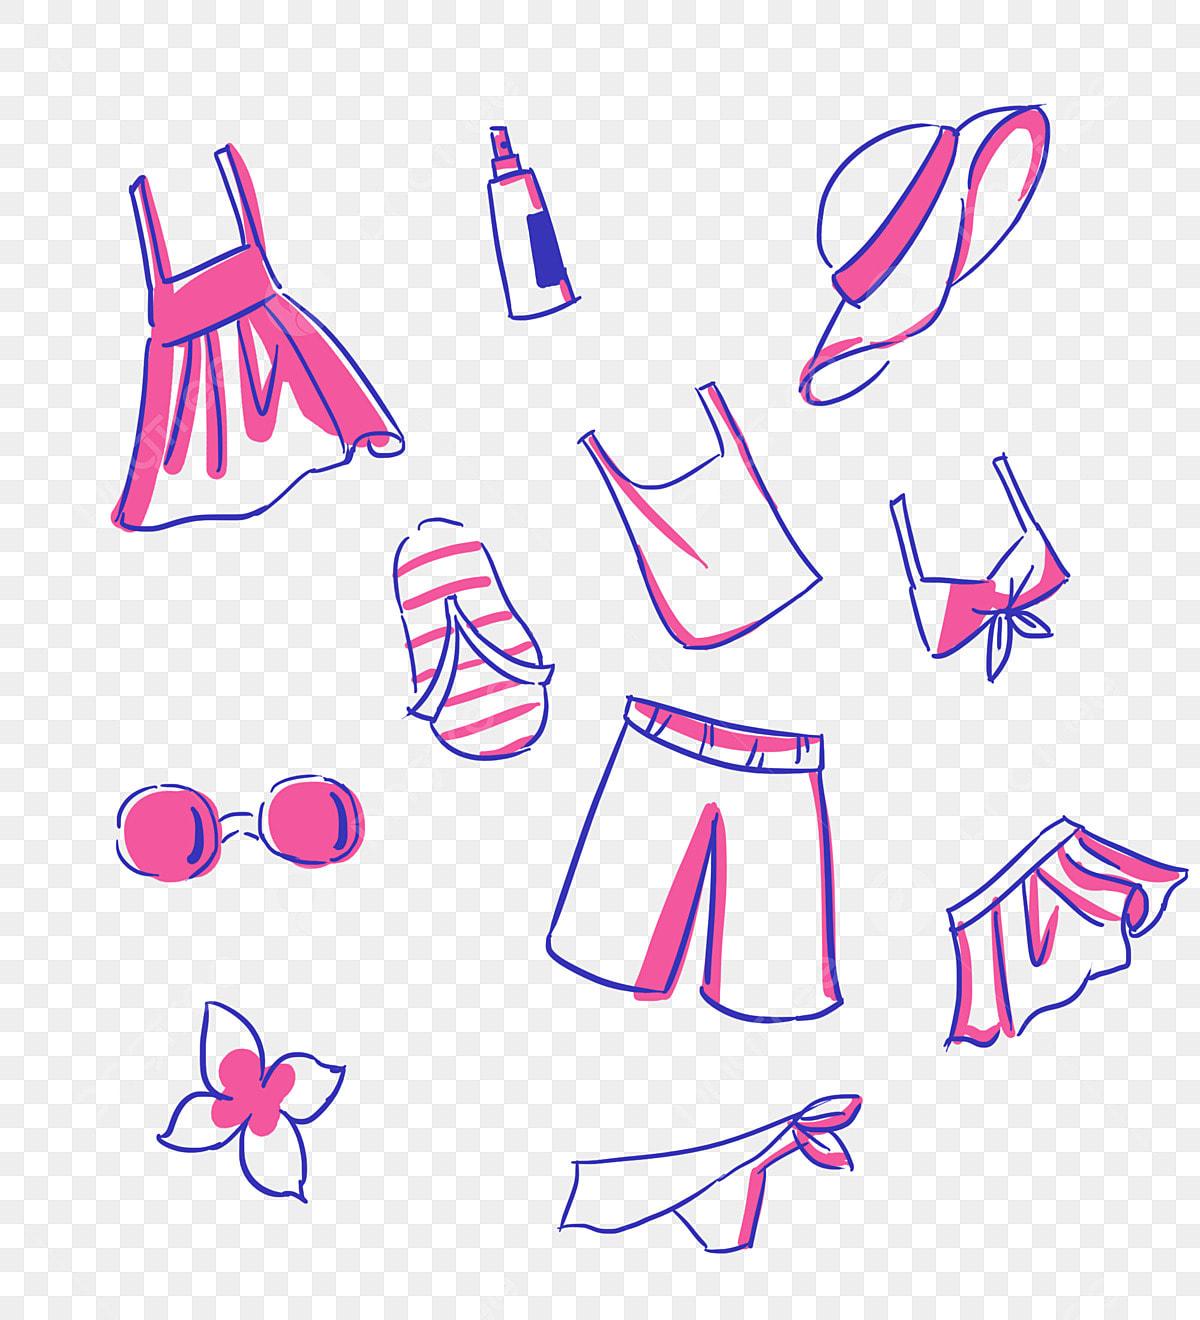 الصيف مزيج الملابس التظليل الكرتون حر الكرتون مزيج الملابس Png وملف Psd للتحميل مجانا